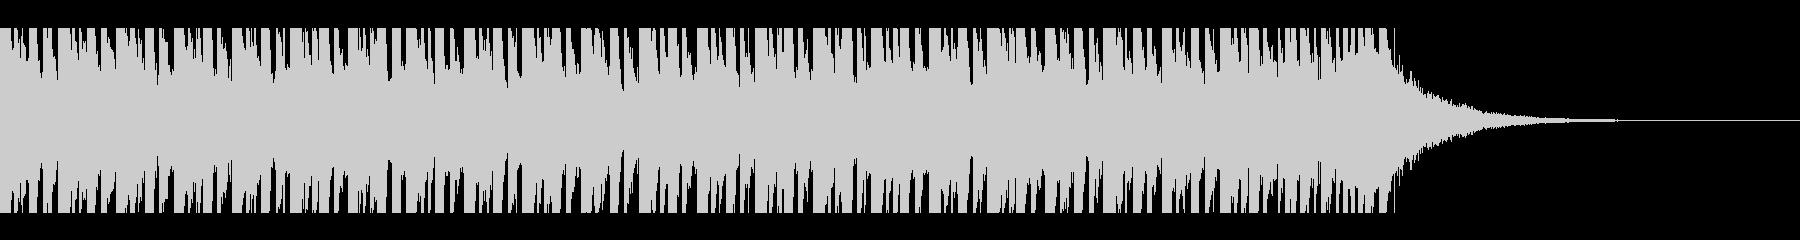 熱帯の夏(30秒)の未再生の波形